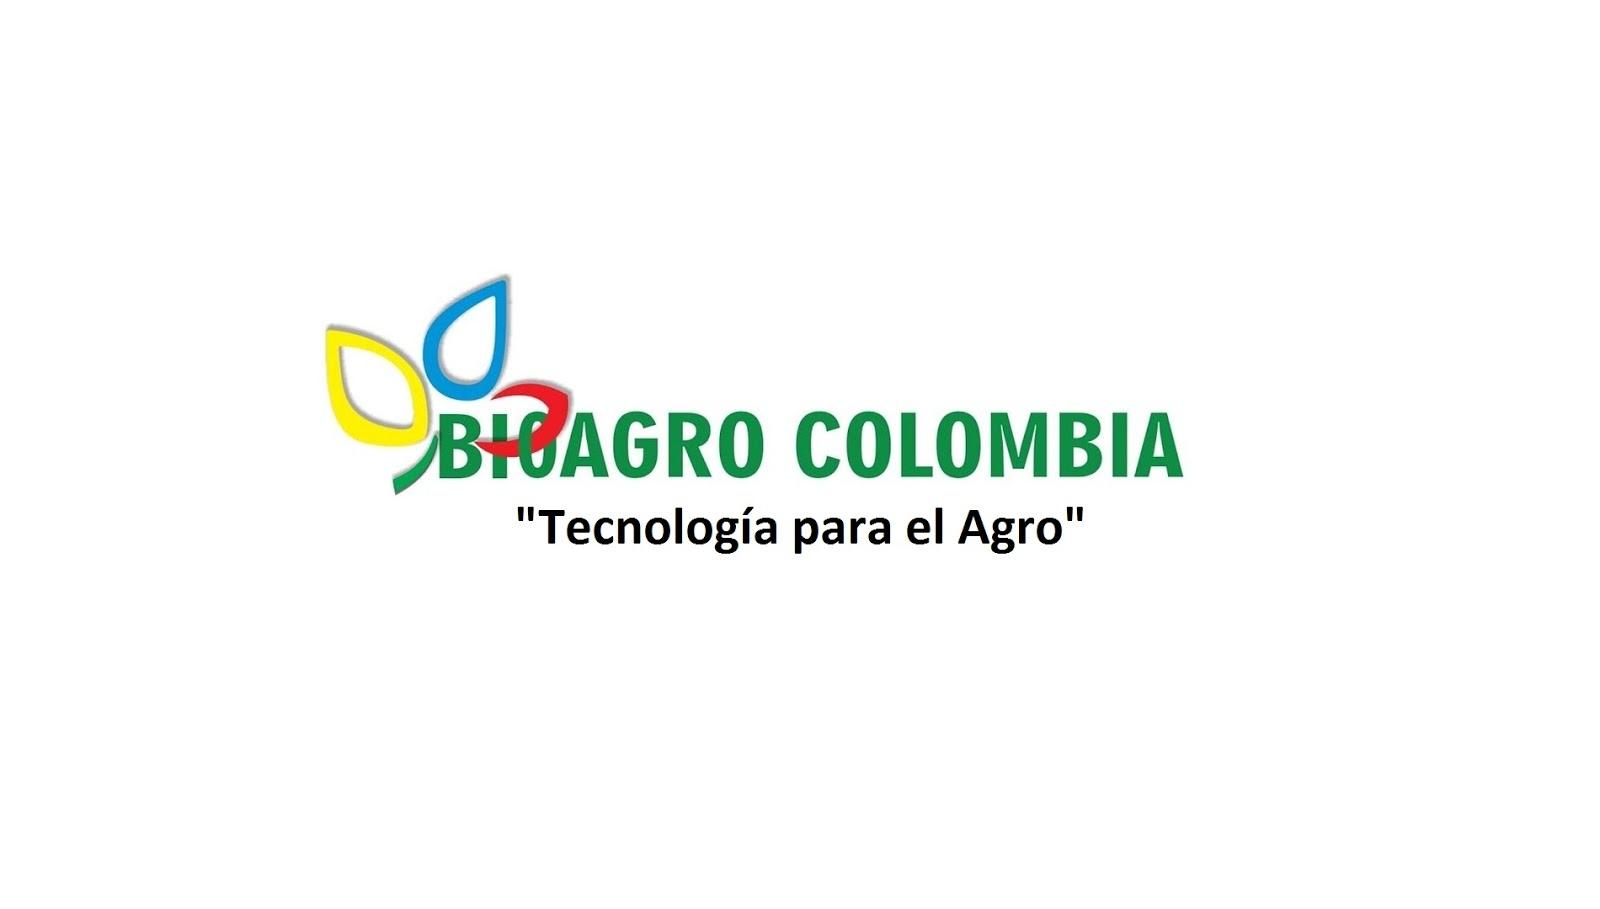 Asesoria y estanques para cultivo de tilapia mojarra roja for Proyecto de piscicultura mojarra roja